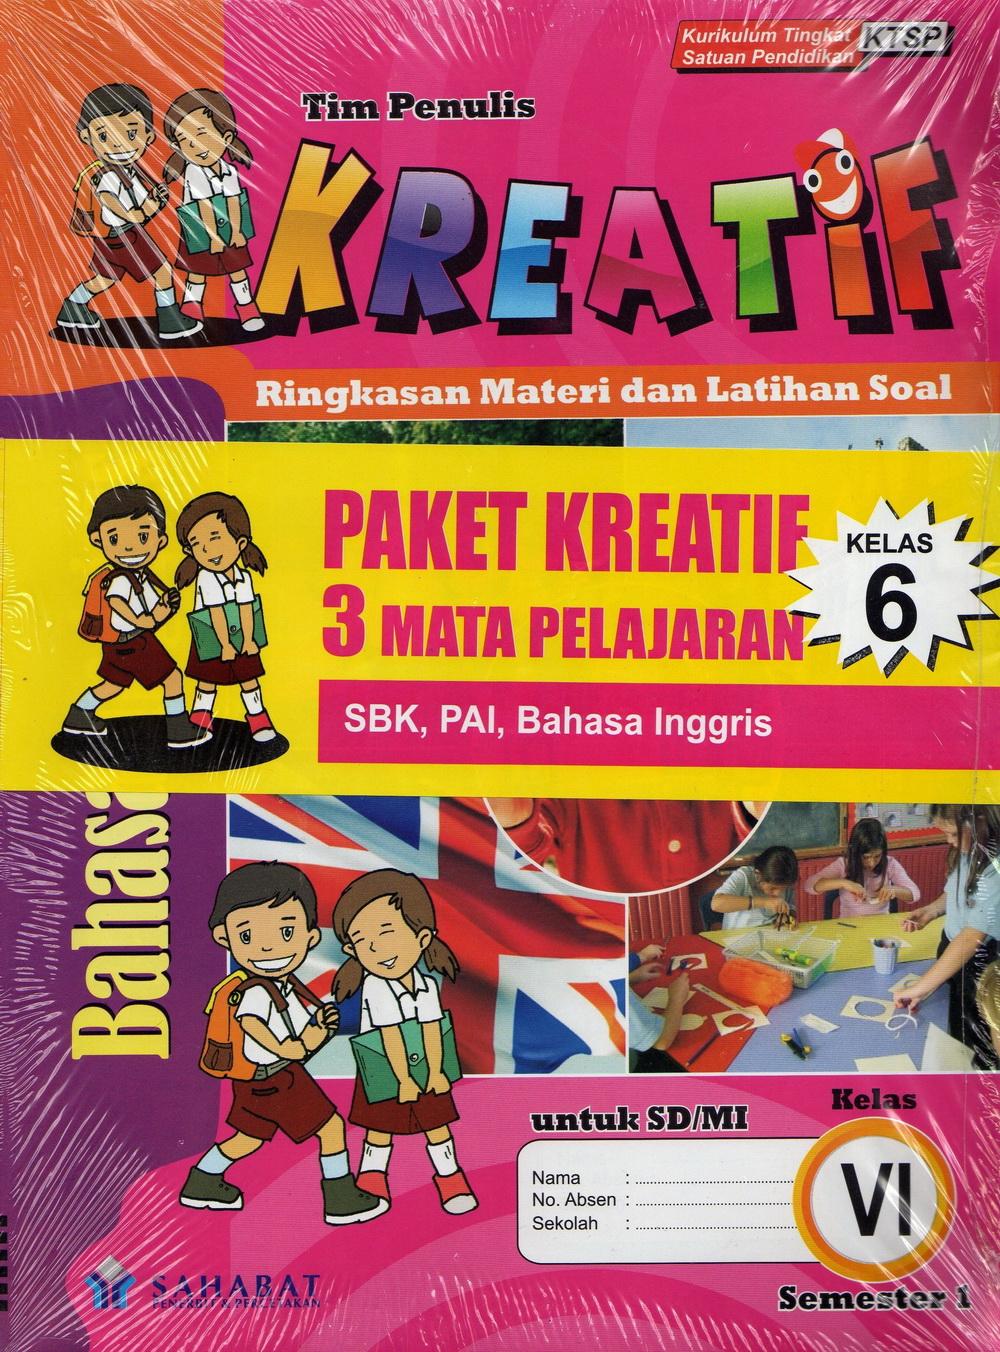 Paket Lks Kreatif Untuk Sekolah Dasar Semester I Toko Buku Online Diandra